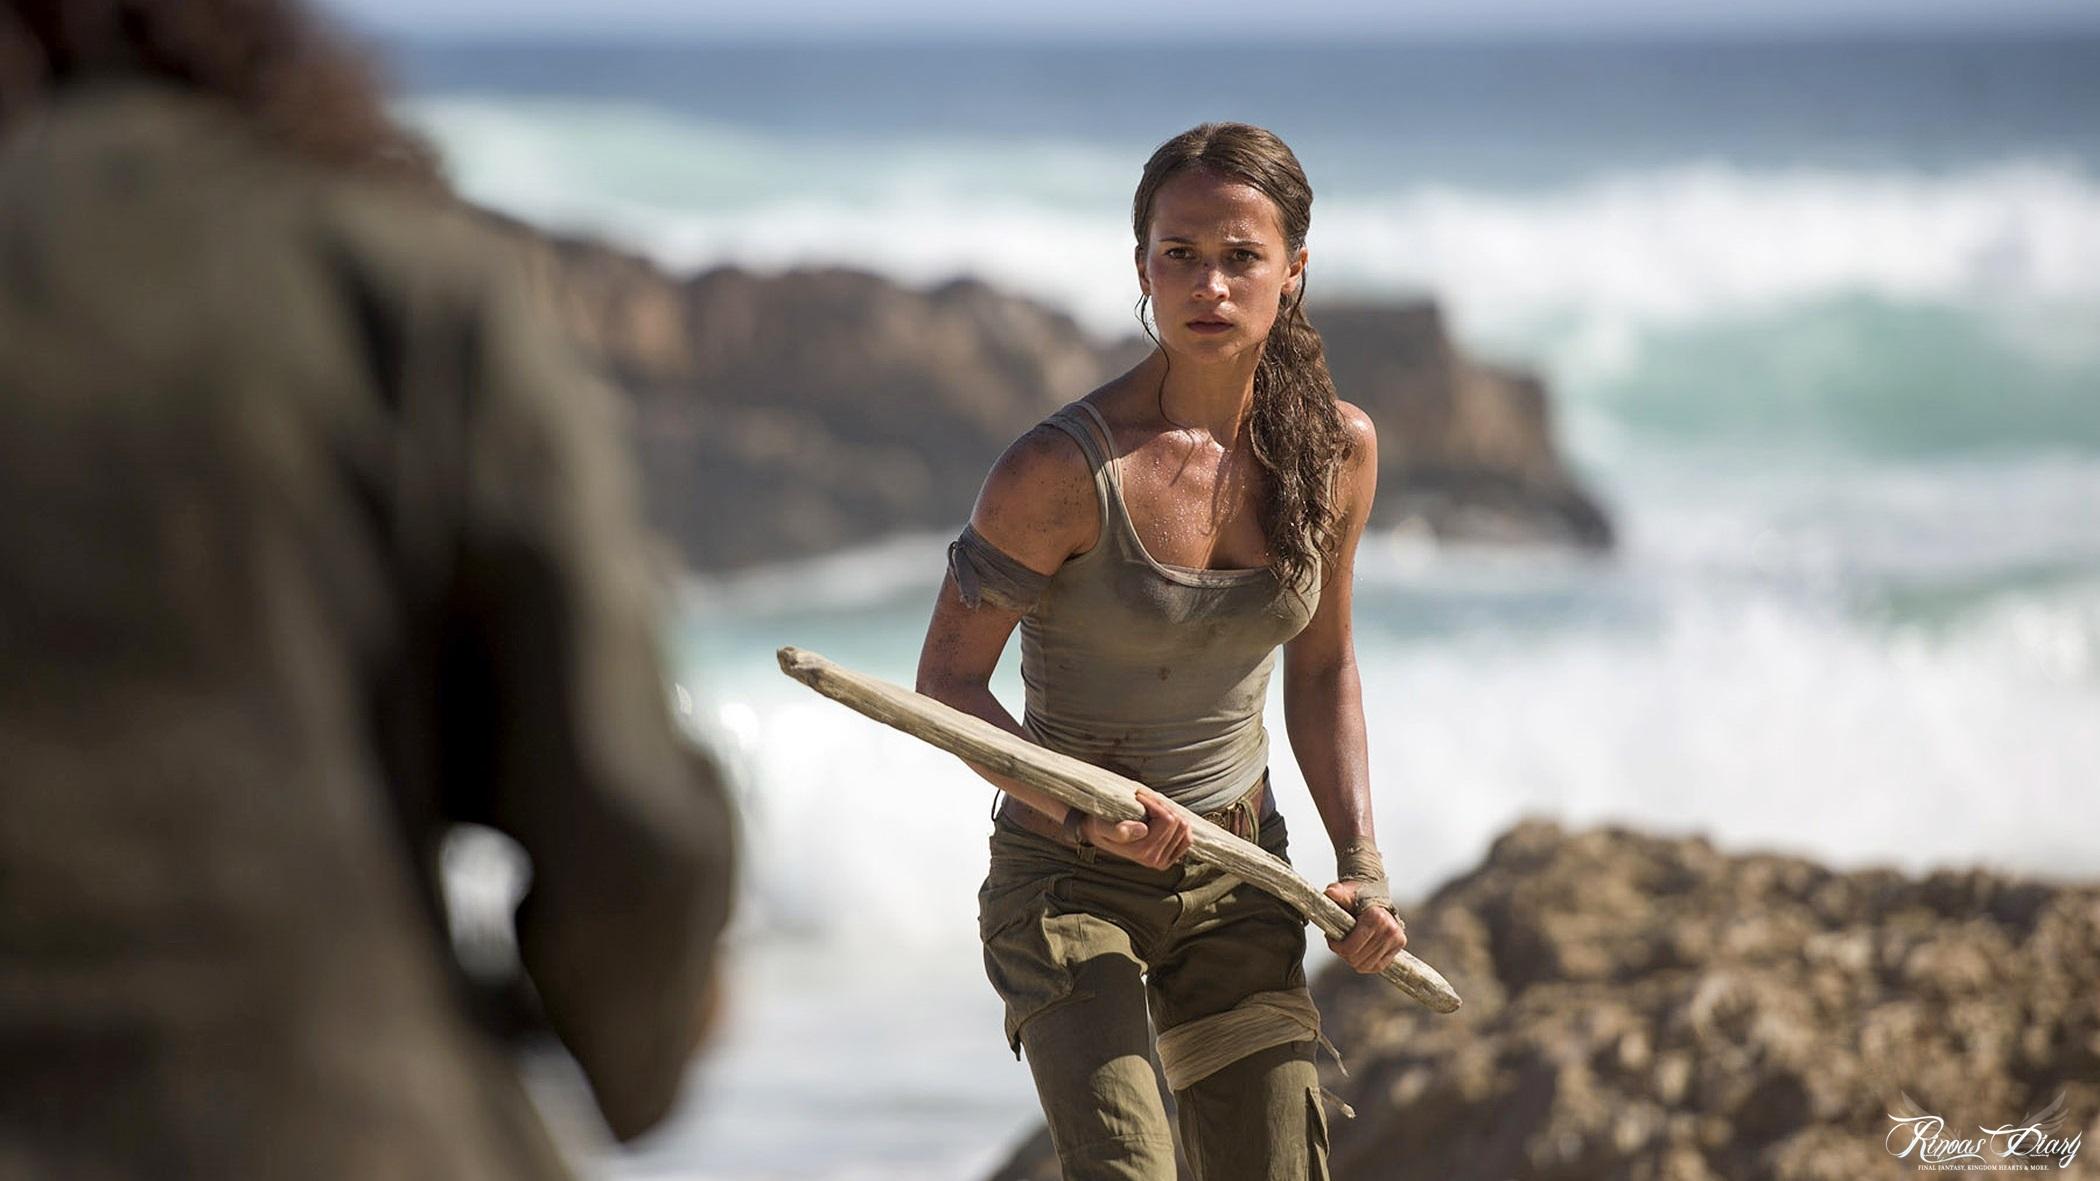 Informazioni e prime immagini ufficiali dal nuovo film Tomb Raider!